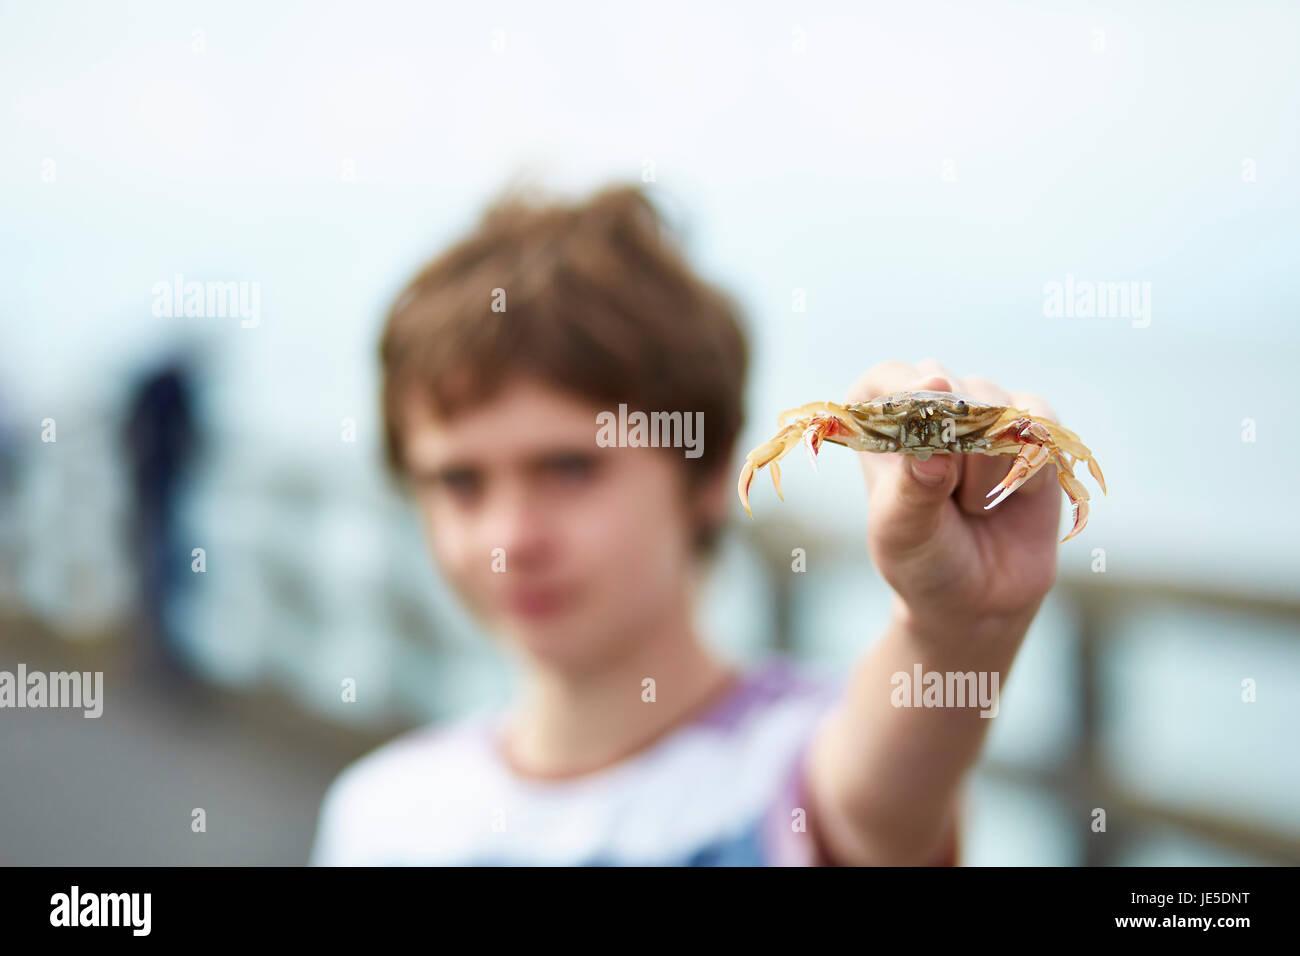 Ragazzo (11) tenendo fuori un granchio Immagini Stock